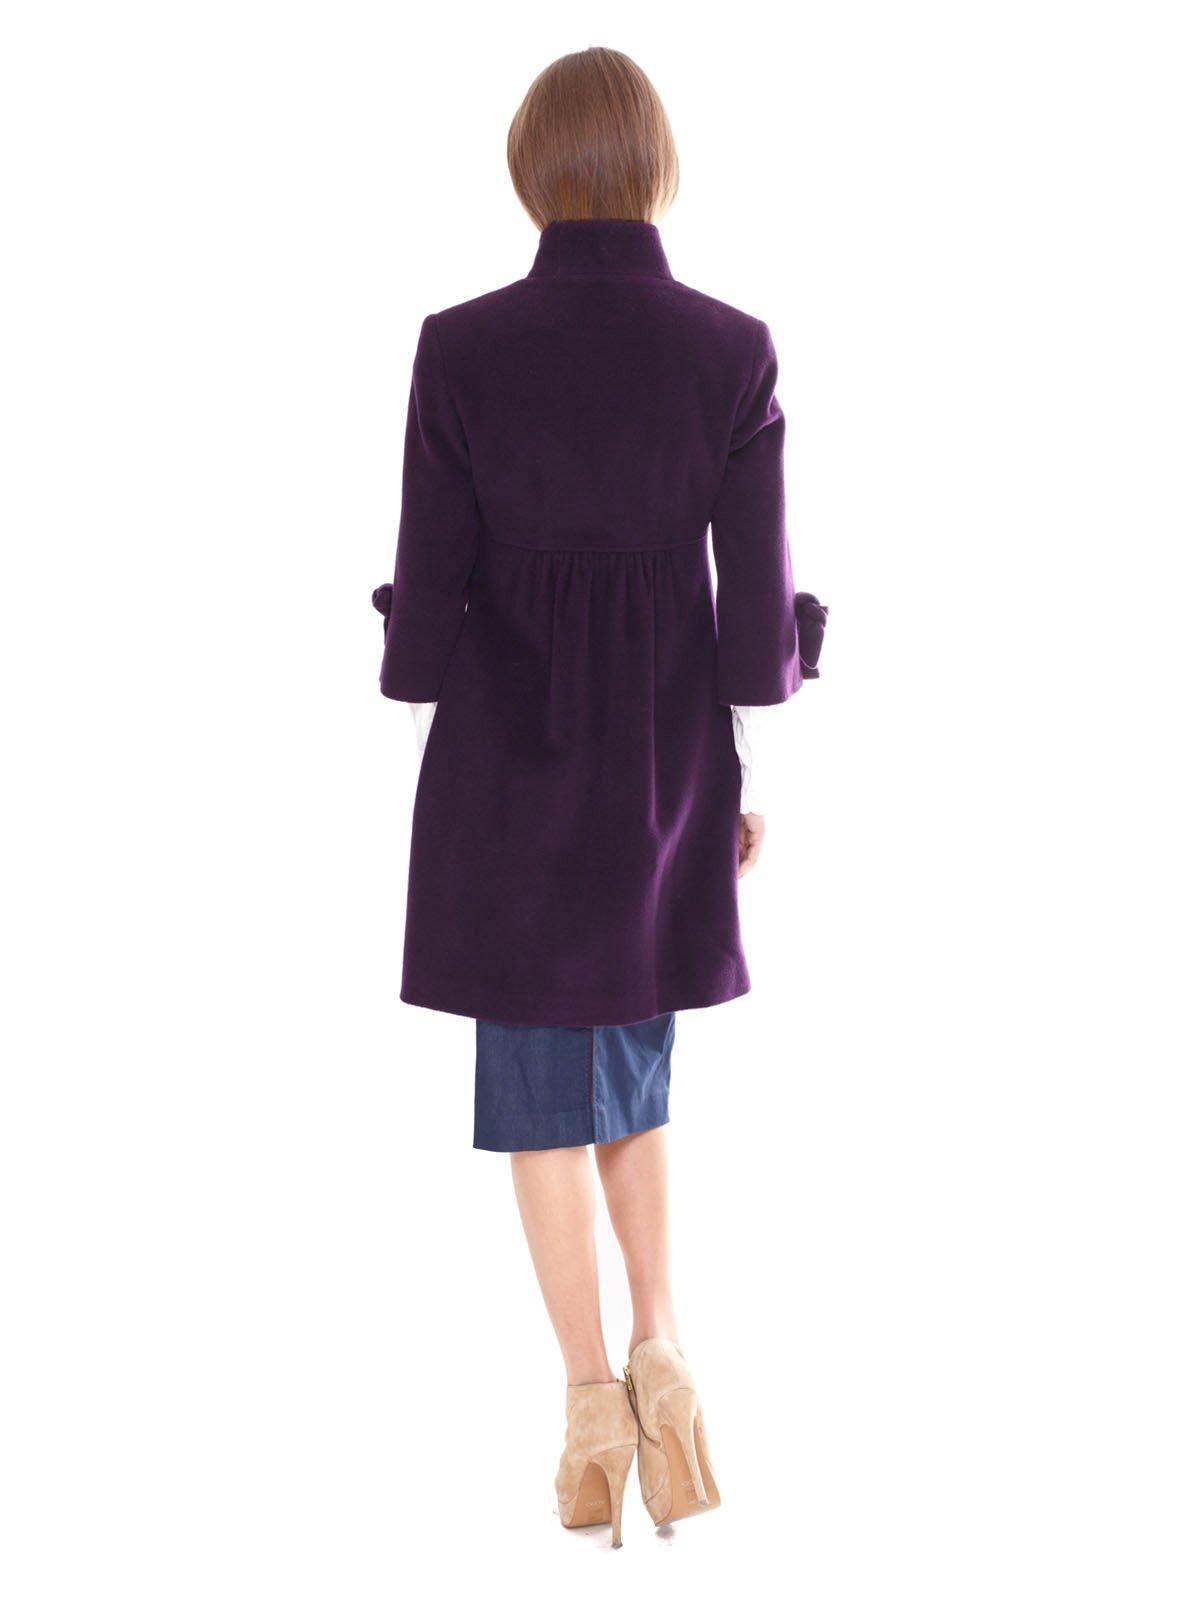 Пальто фиолетовое | 2083659 | фото 3